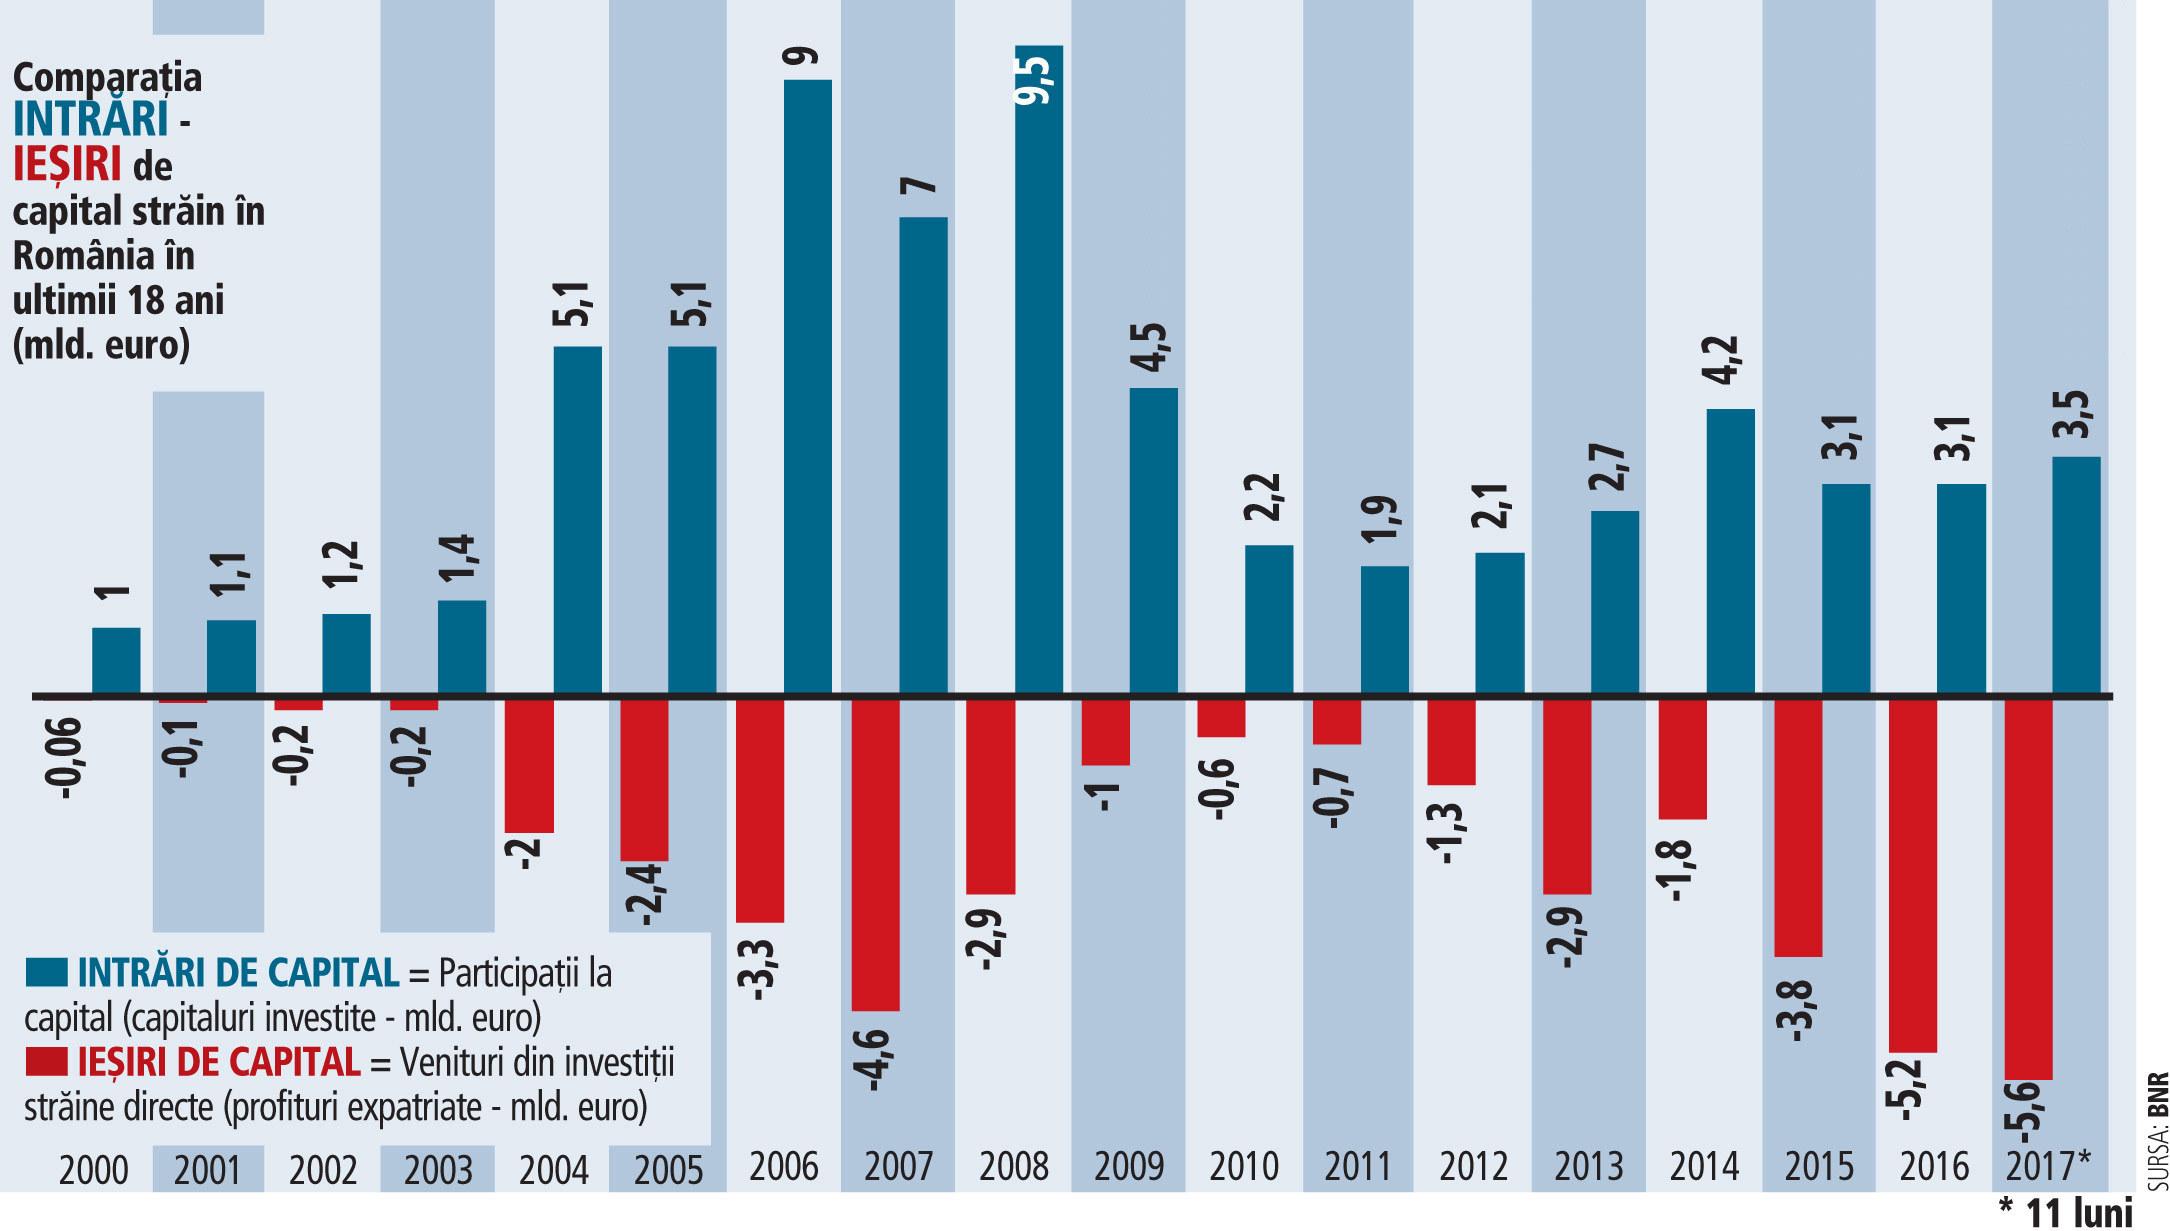 Marea schimbare la capitolul investiţii străine. Companiile străine extrag din România profituri de 5 mld. euro pe an, dar aduc participaţii noi de capital de doar 3 mld. euro pe an